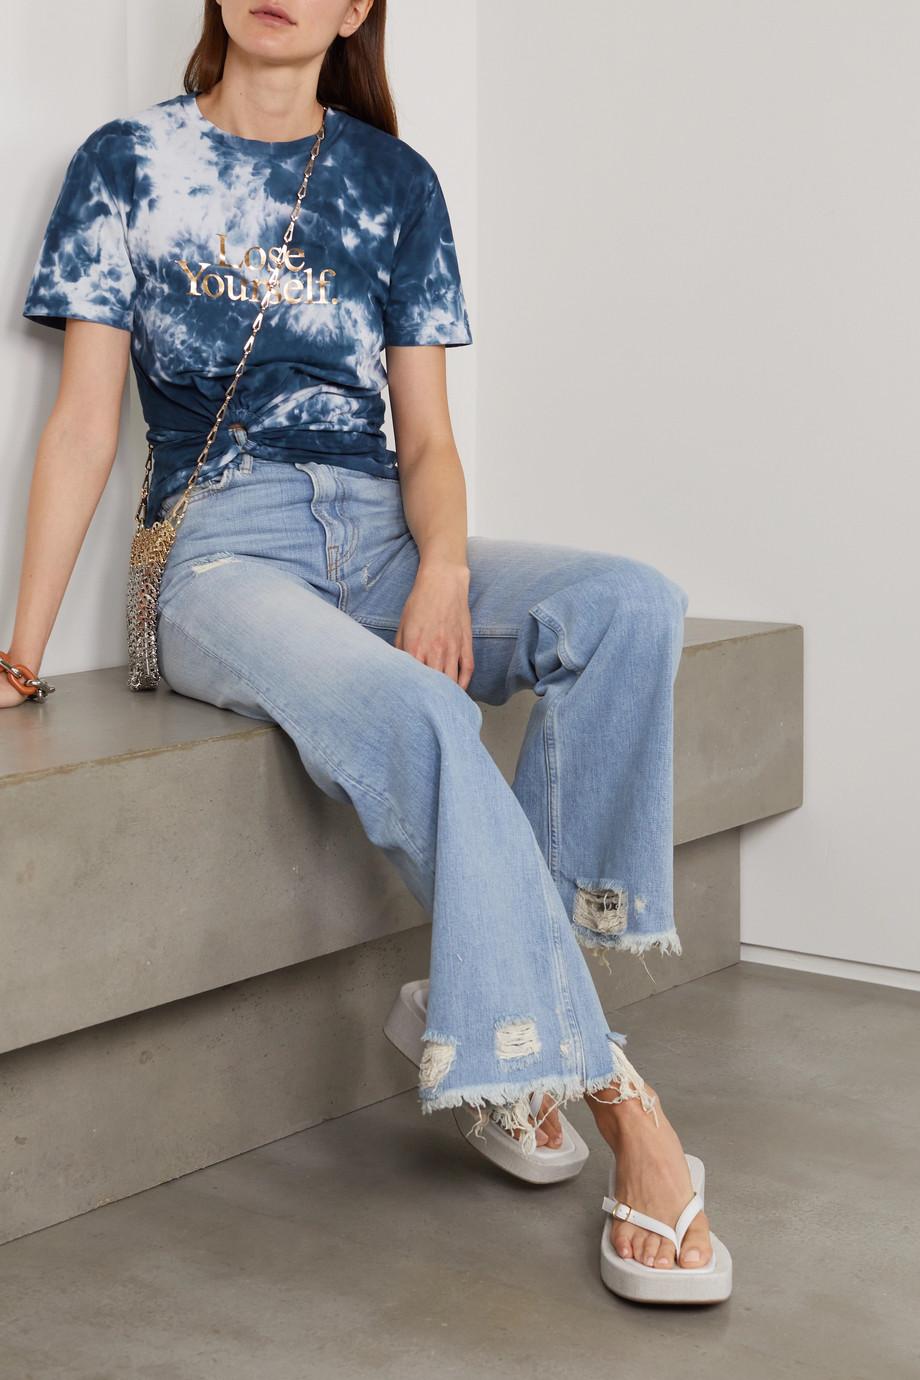 Paco Rabanne T-Shirt aus Baumwoll-Jersey mit Batikmuster, Print und Twist-Detail